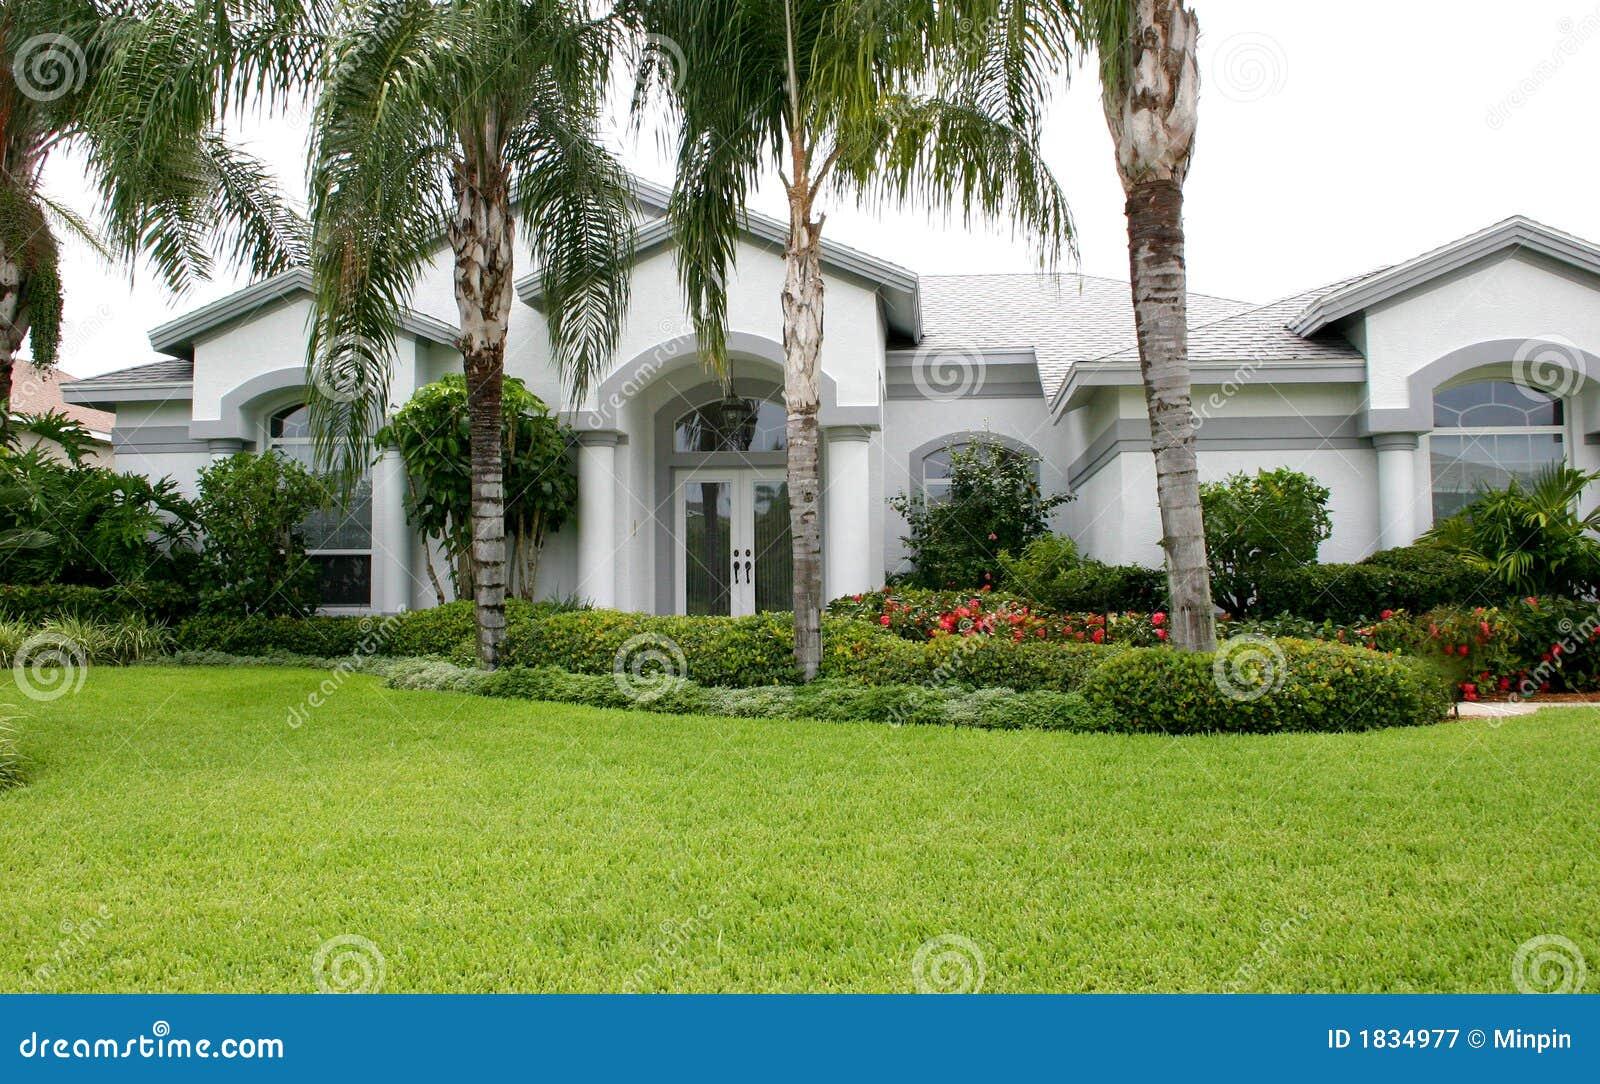 maison luxueuse neuve dans les tropiques photographie stock libre de droits image 1834977. Black Bedroom Furniture Sets. Home Design Ideas